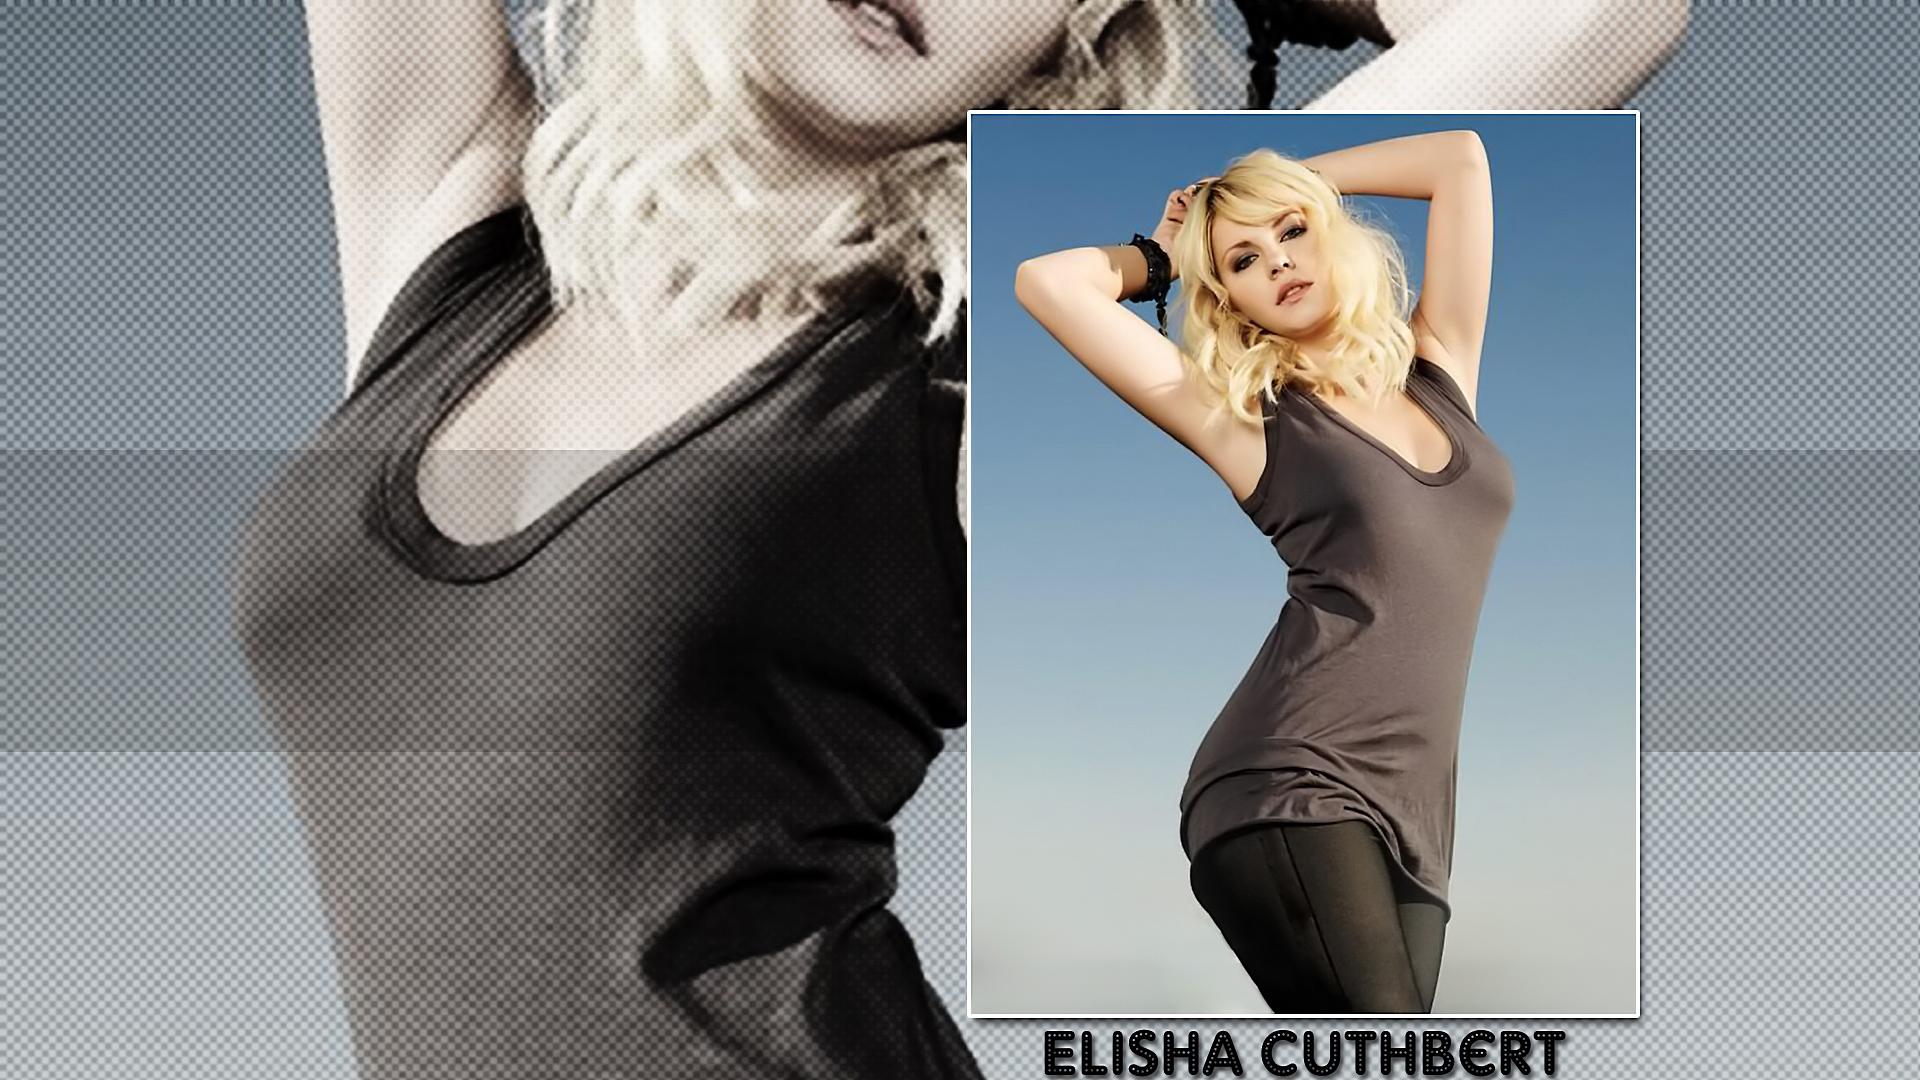 Elisha Cuthbert 2012 wallpaper